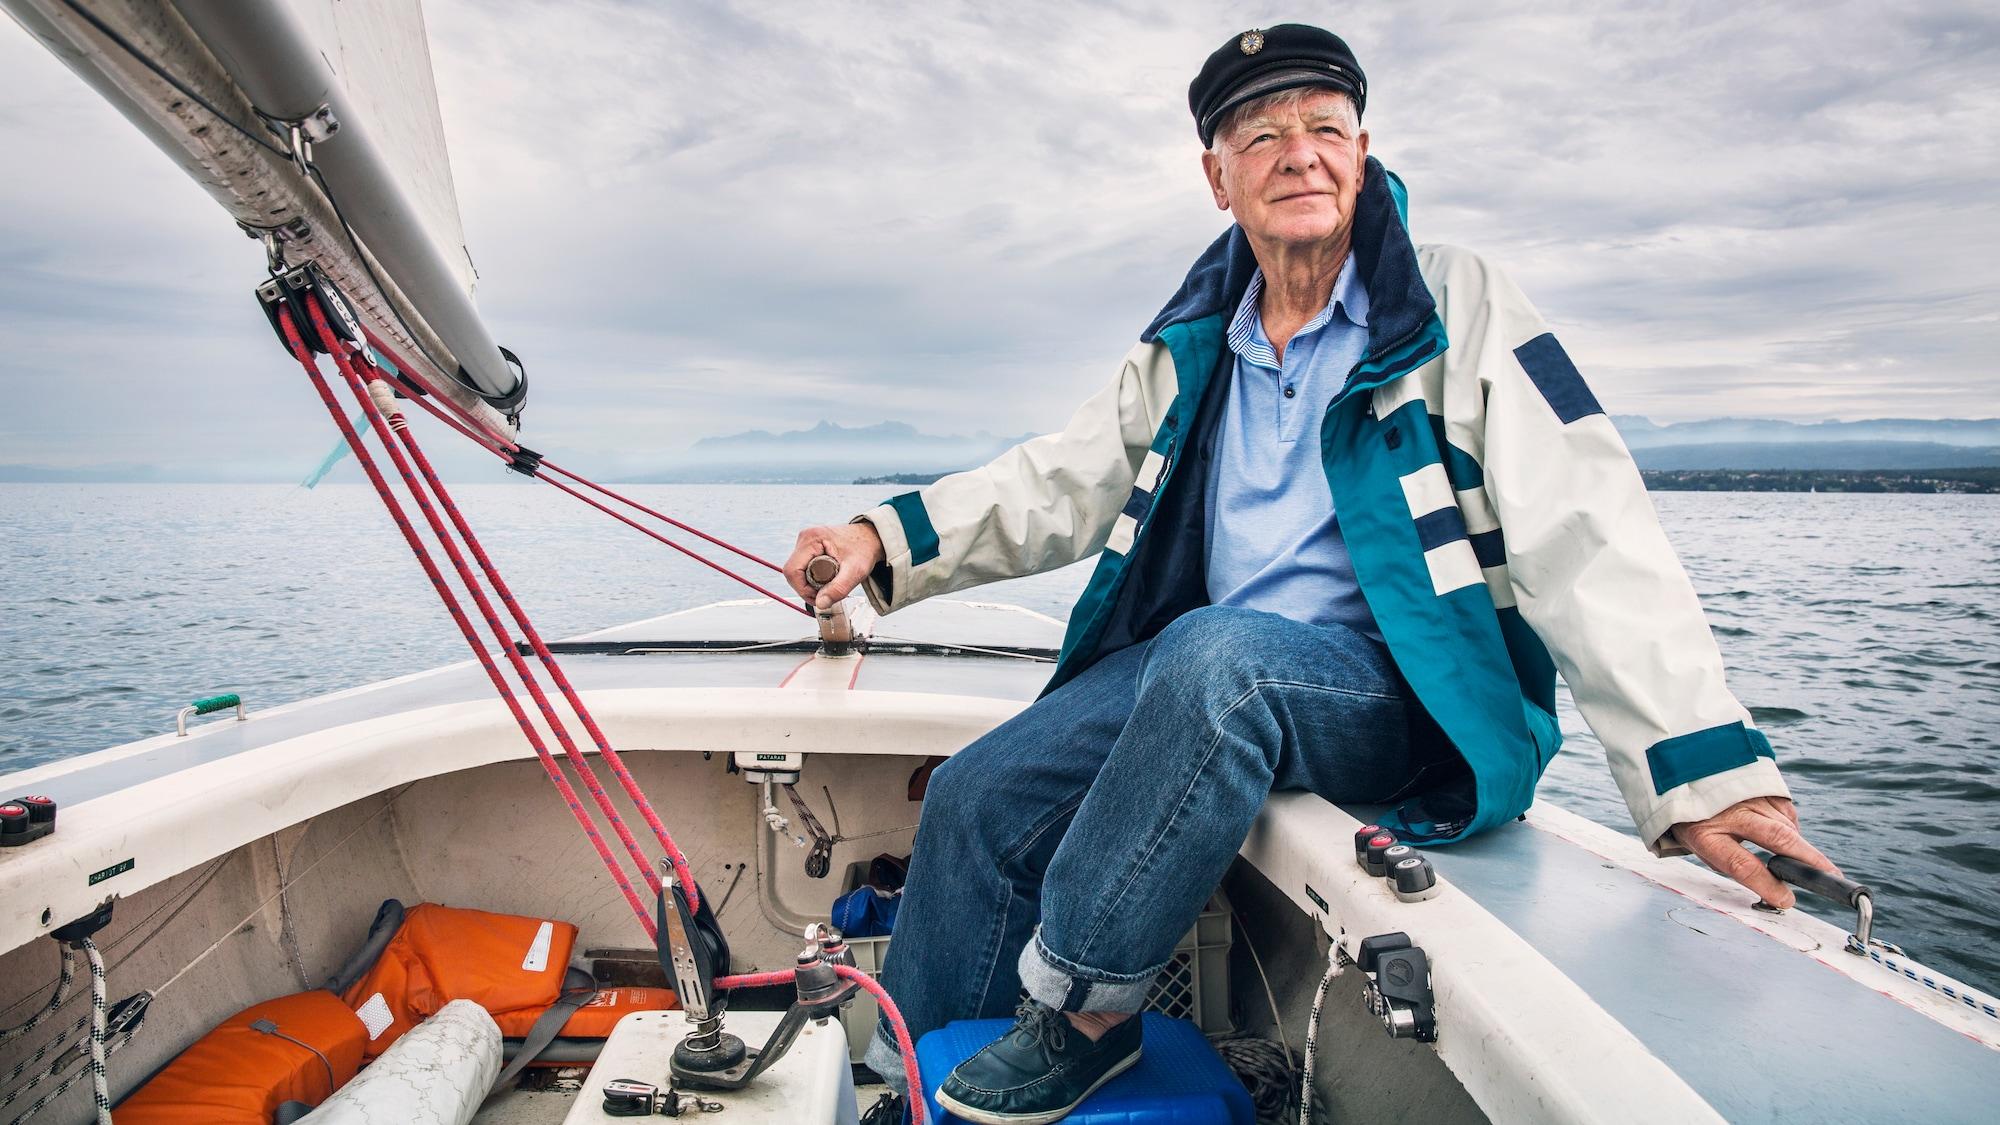 Ziel Schweiz: Die Schweiz – das deutsche Rentnerparadies